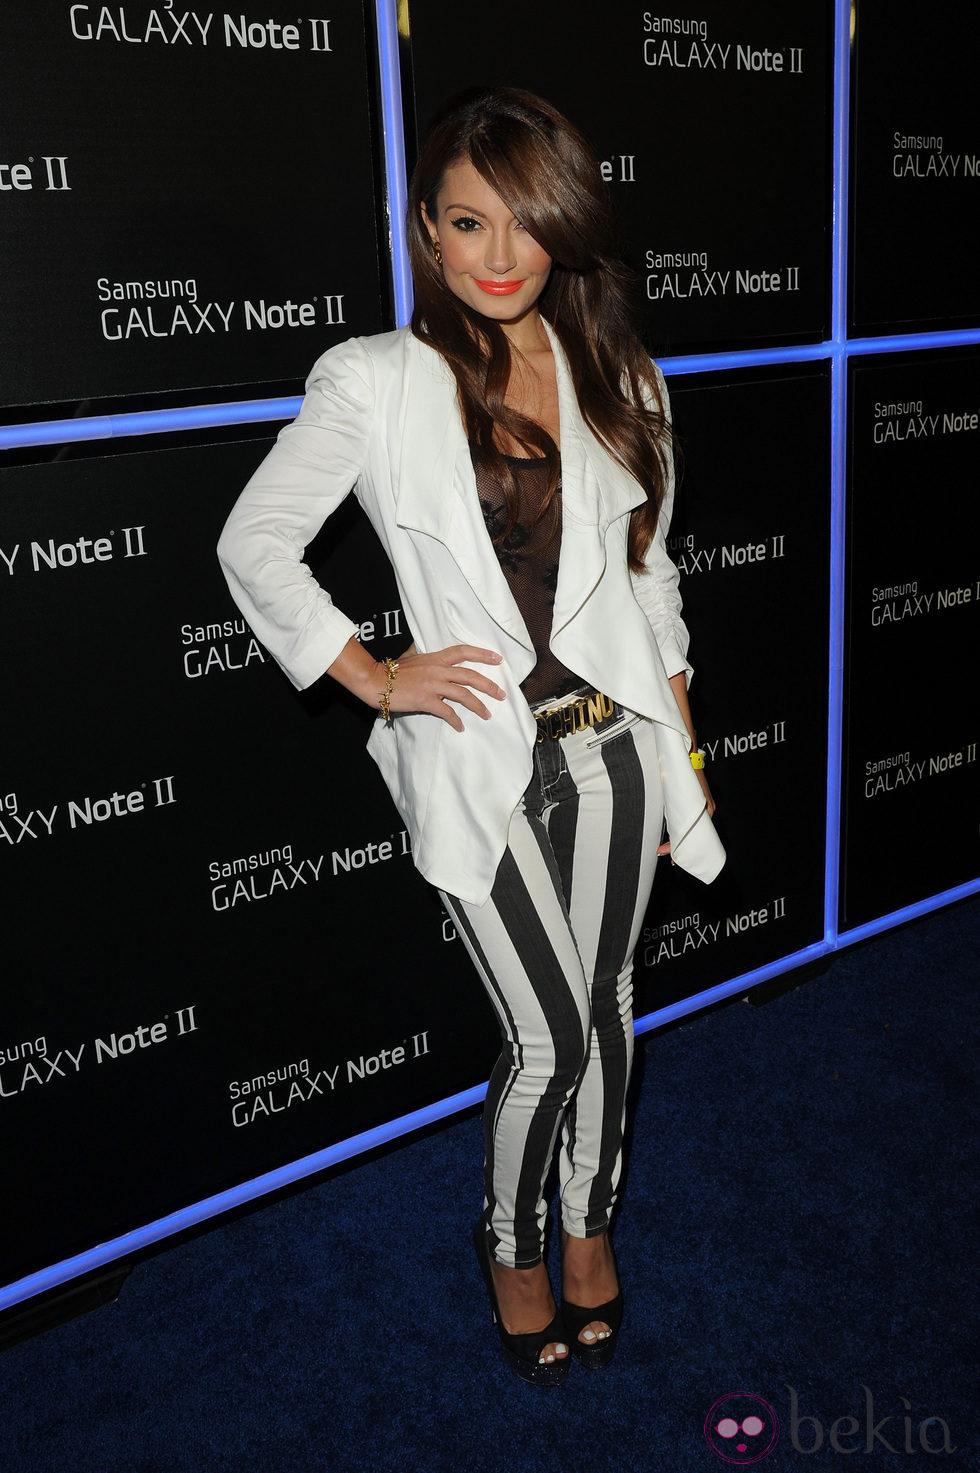 Layla Kayleigh en la fiesta de lanzamiento del Samsung Galaxy Note II